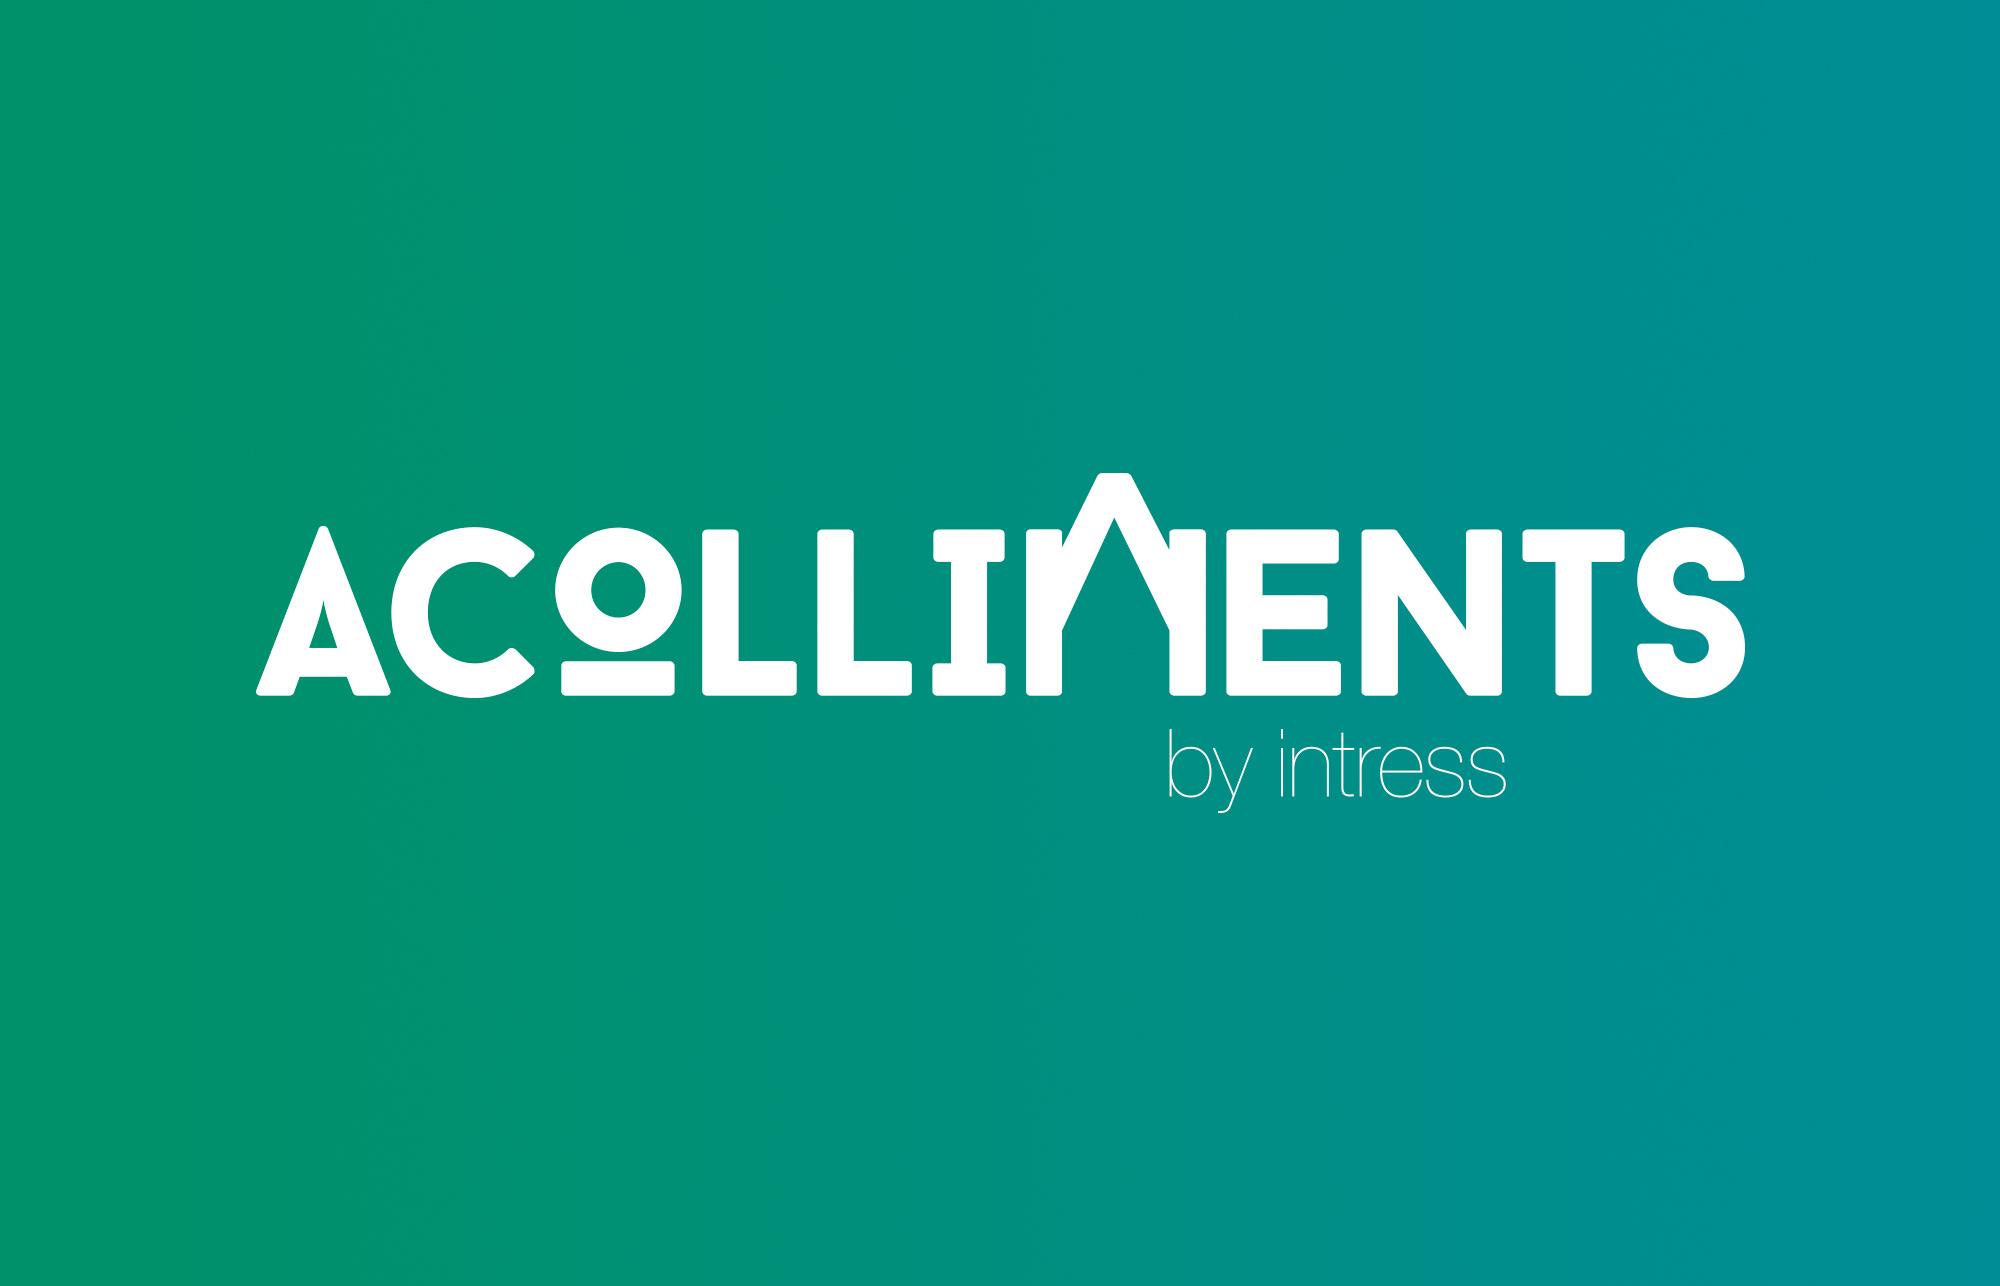 Acolliments, Barcelona, la Negreta, Campanya, Disseny Gràfic, Intress, Logotip, Marca, Branding